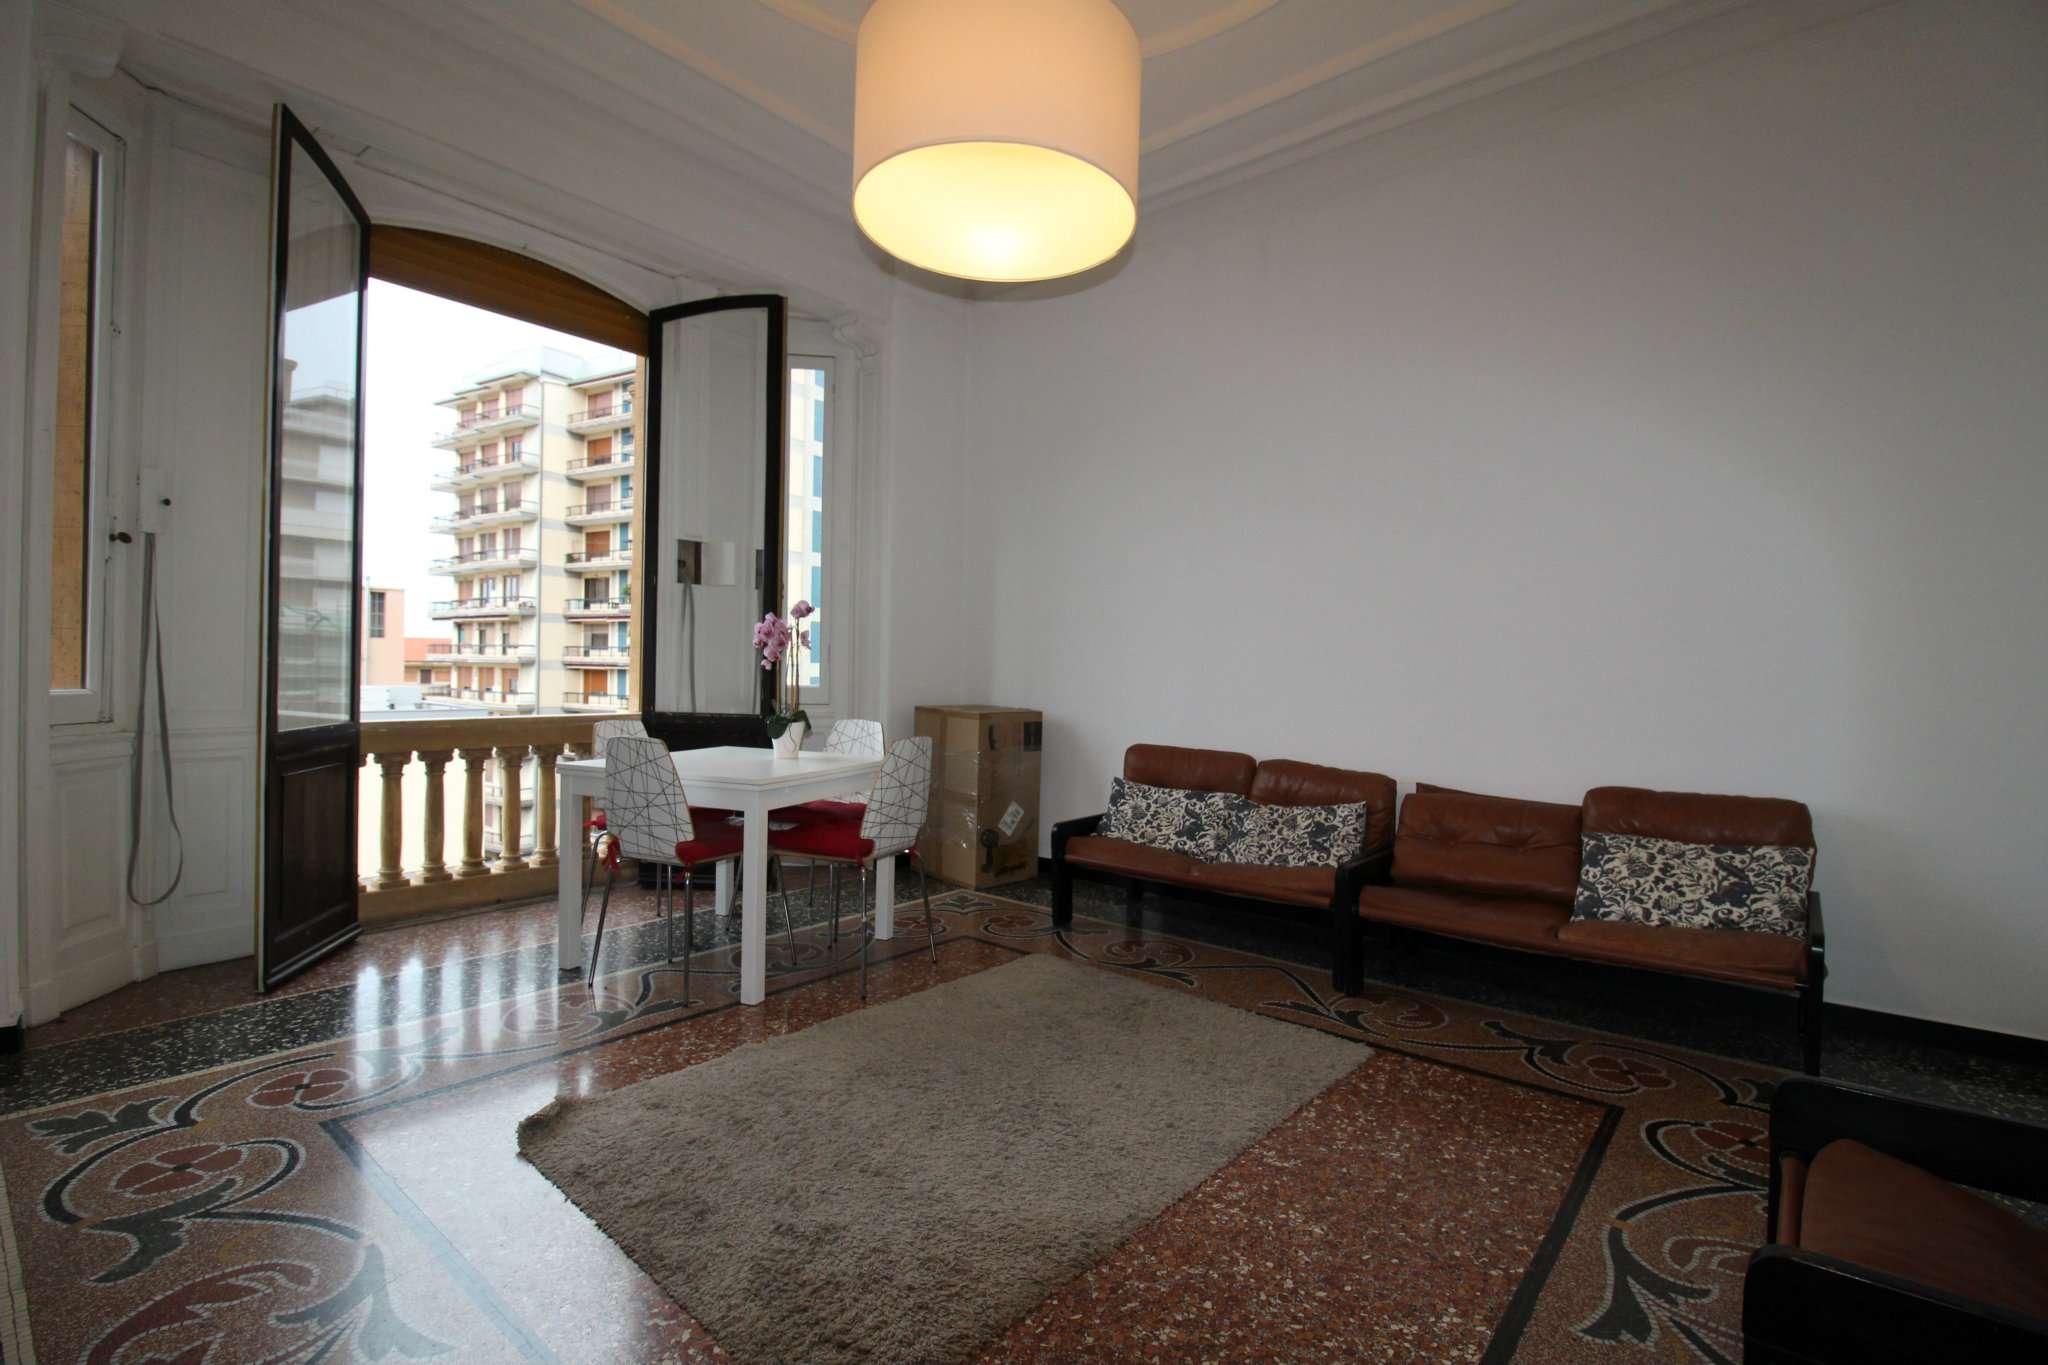 Appartamento in affitto a Genova, 4 locali, zona Sestri Ponente, Medio Ponente, prezzo € 800 | PortaleAgenzieImmobiliari.it